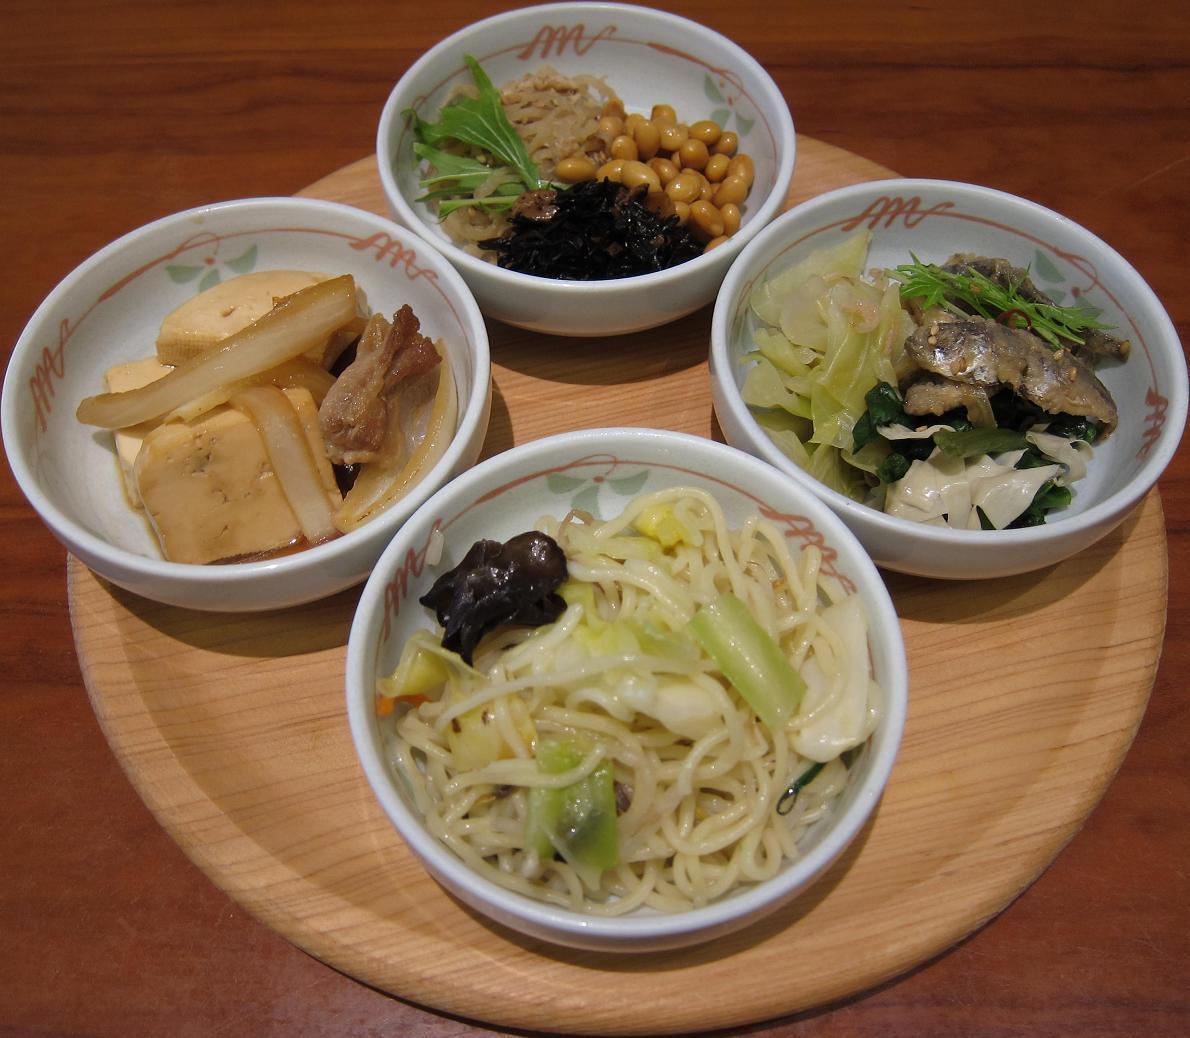 塩焼きそば・肉豆腐・ひじき・煮豆・切干大根・煮キャベツ